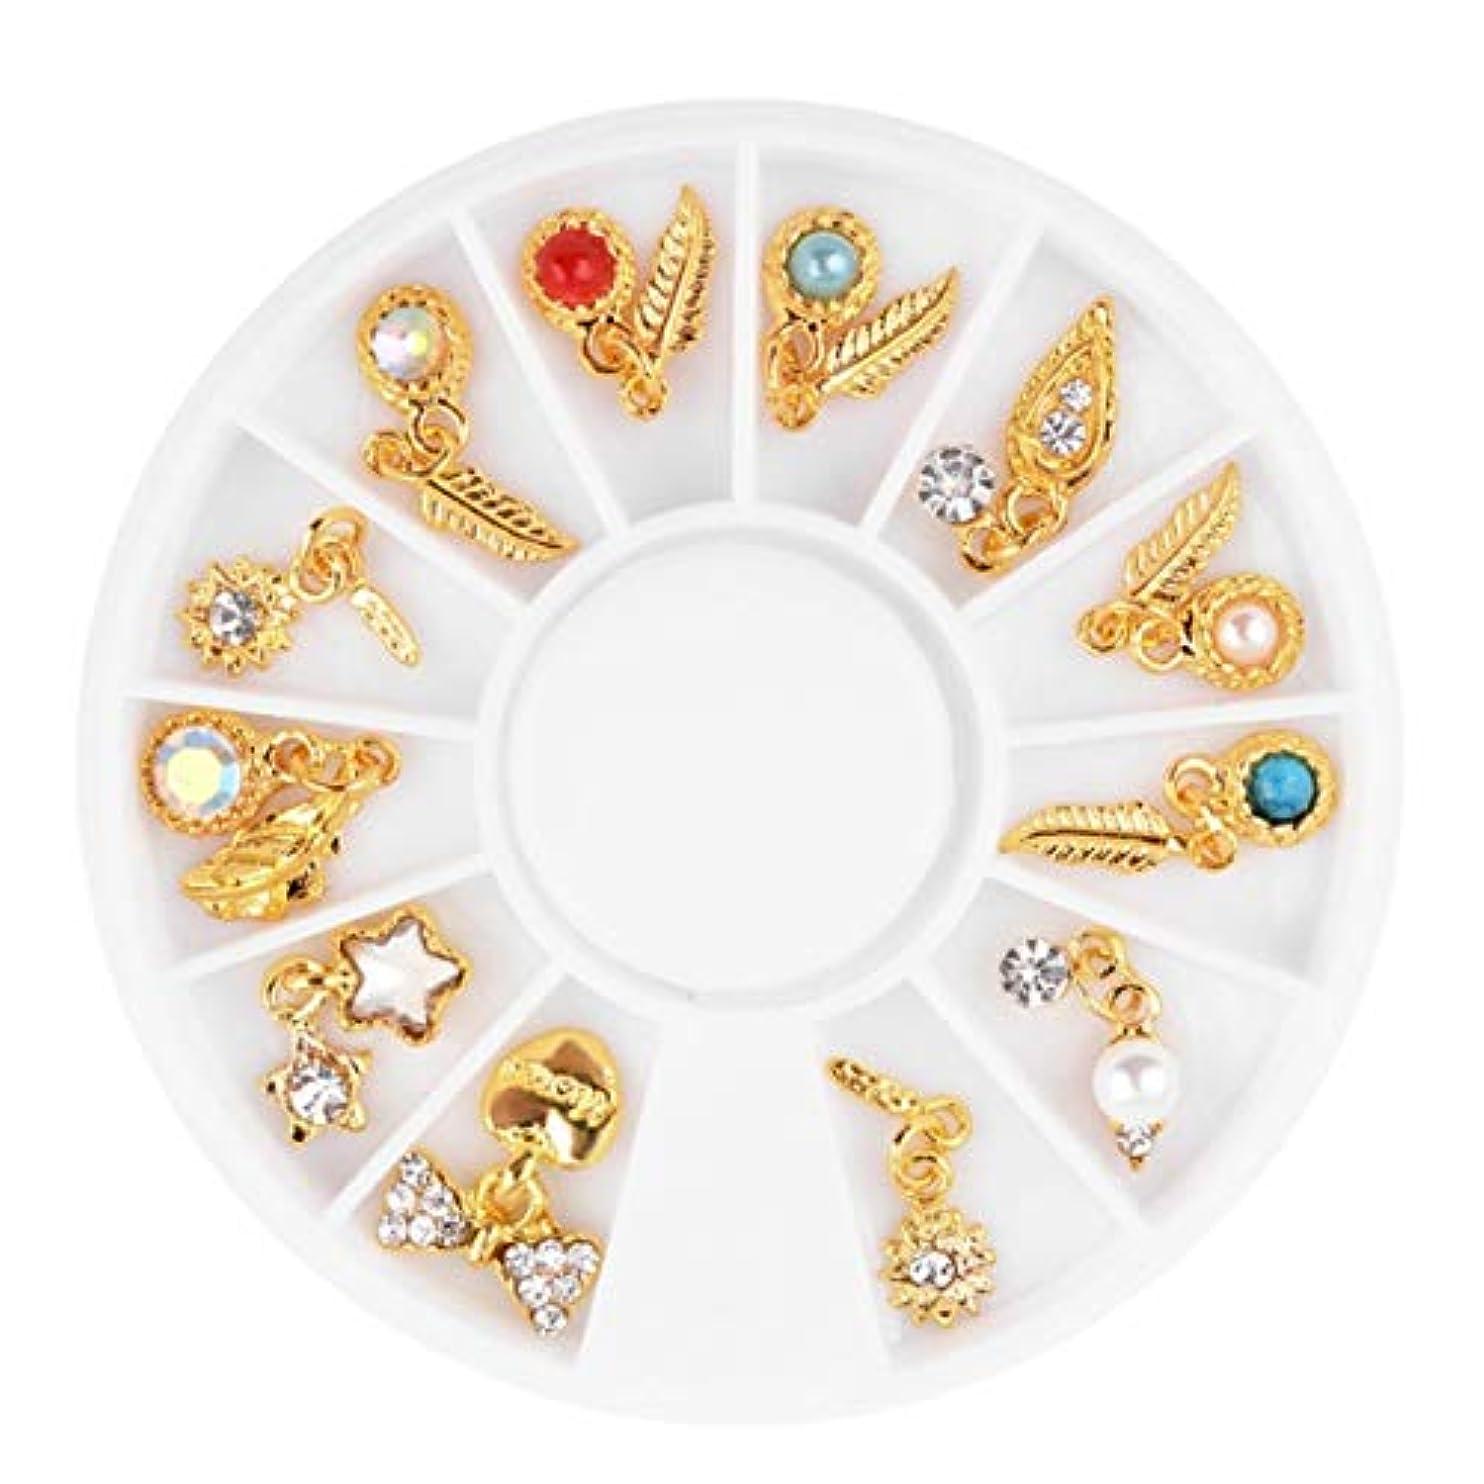 教育者かんがいれんがQuzama-JS よく作られた釘芸術3 D混合形ラインストーン宝石石装飾合金宝石ディスクタッセルペンダント葉羽ターンテーブル(None Picture Color)